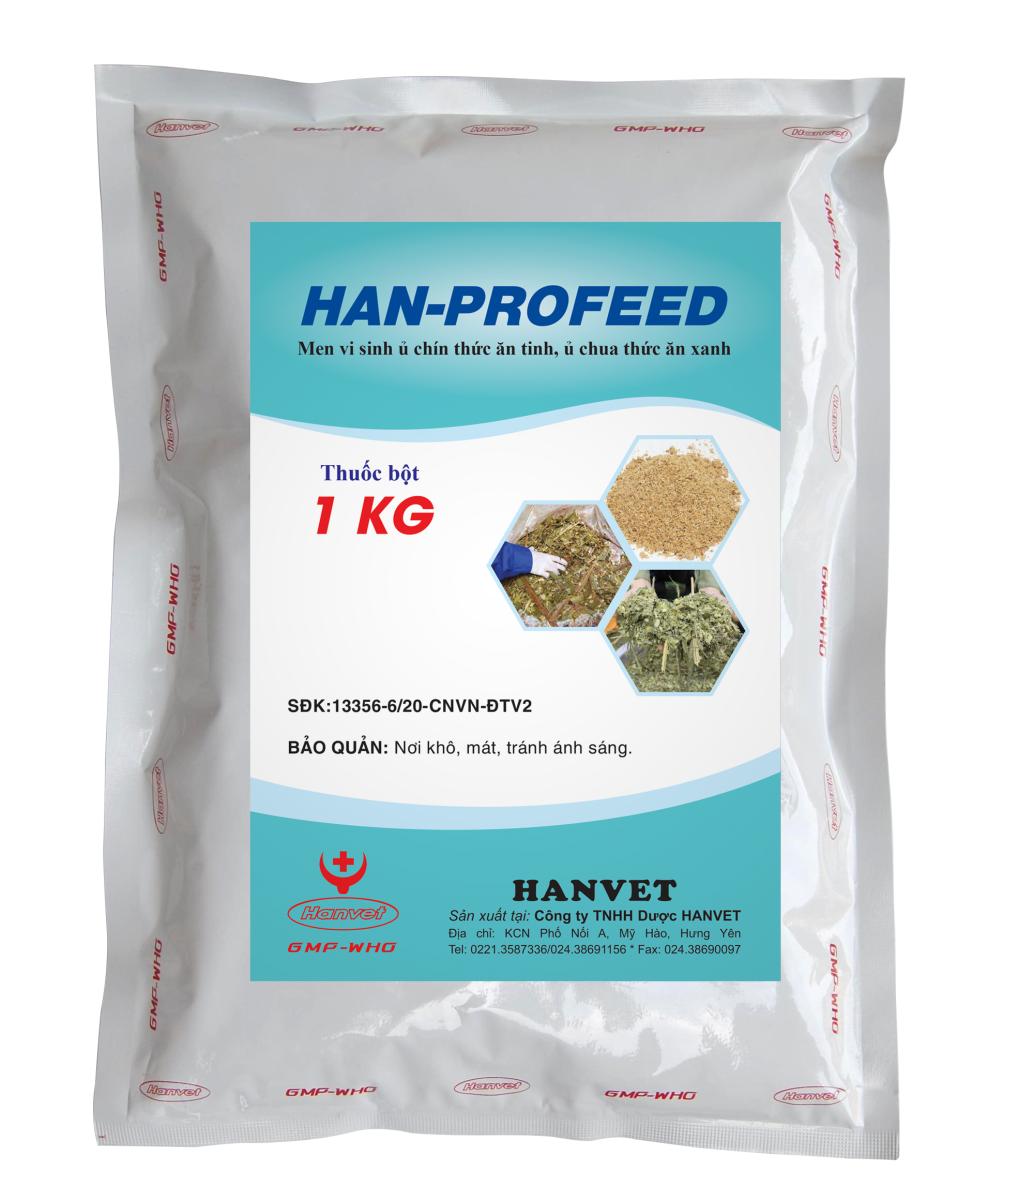 HAN-PROFEED